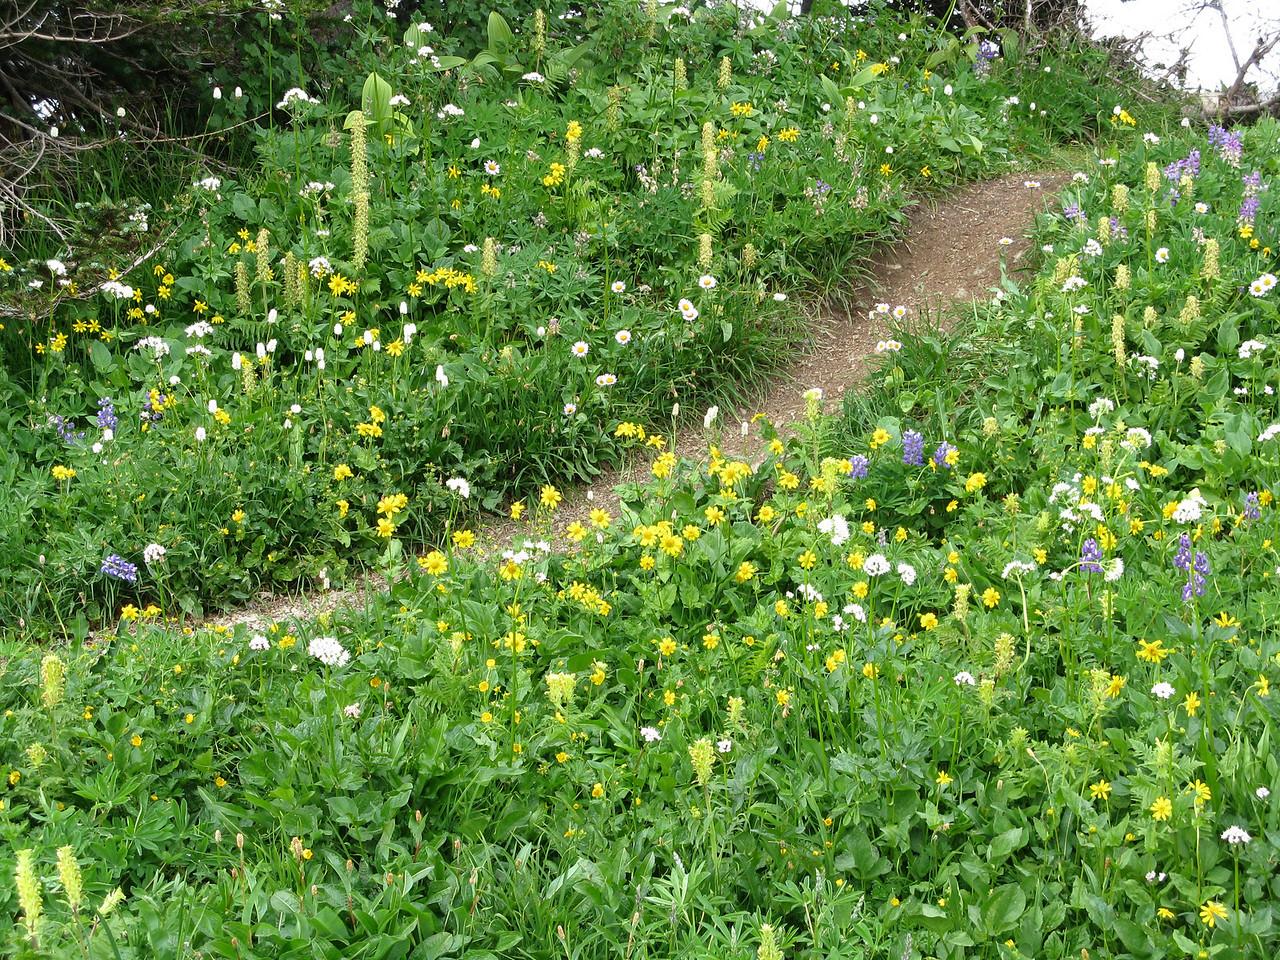 Purple, yellow and white wildflowers.